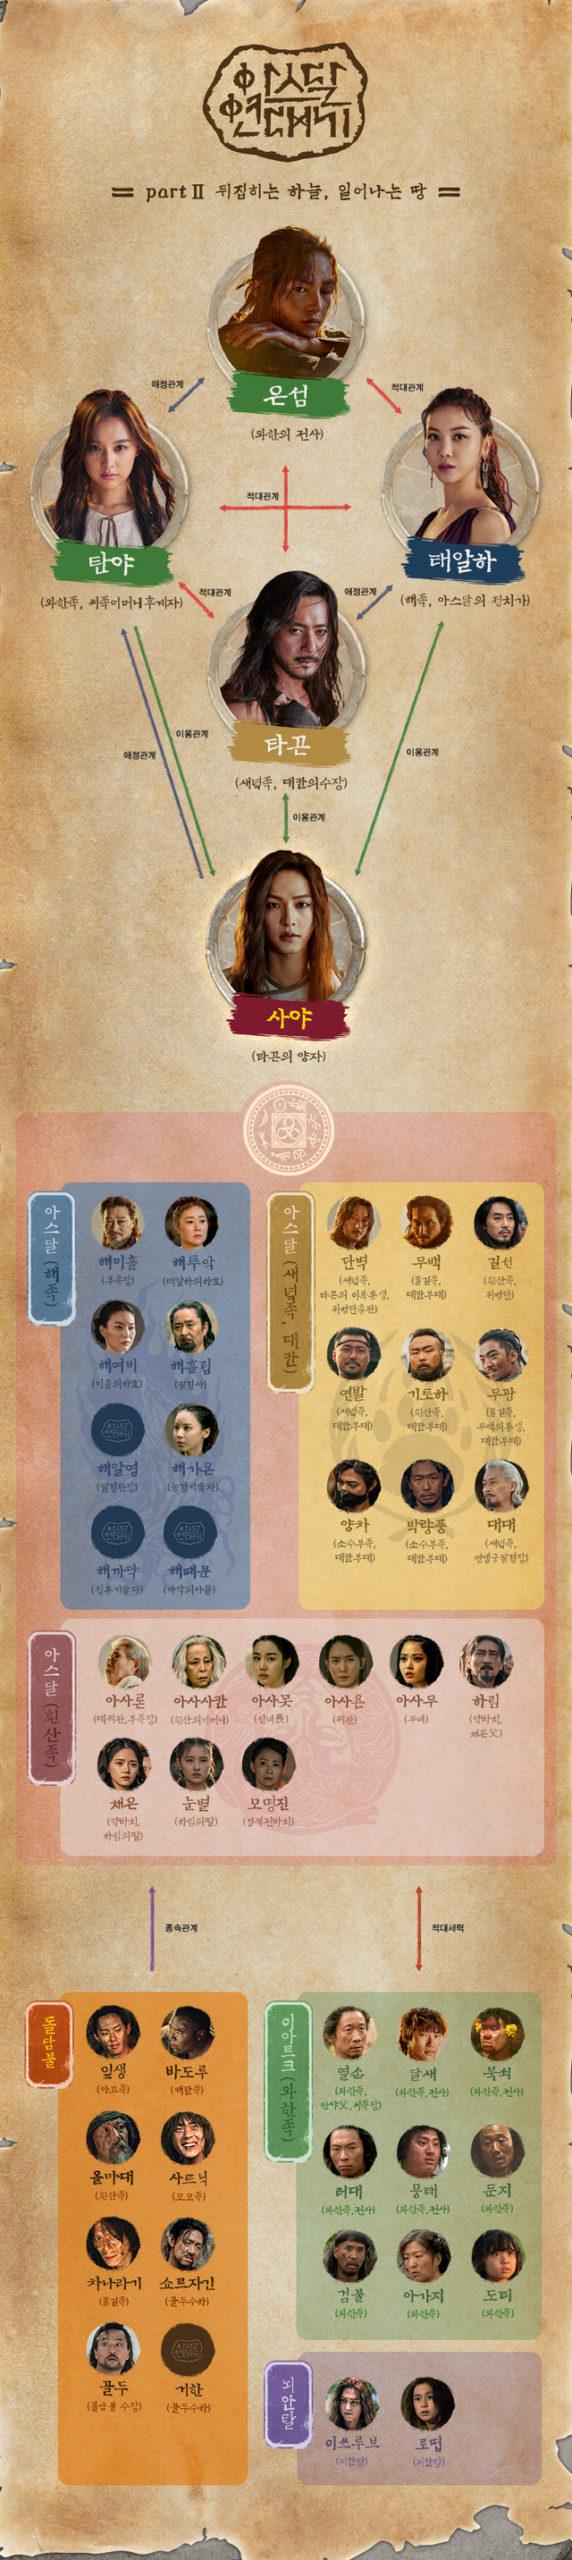 韓国ドラマ【アスダル年代記】の登場人物相関図Part2